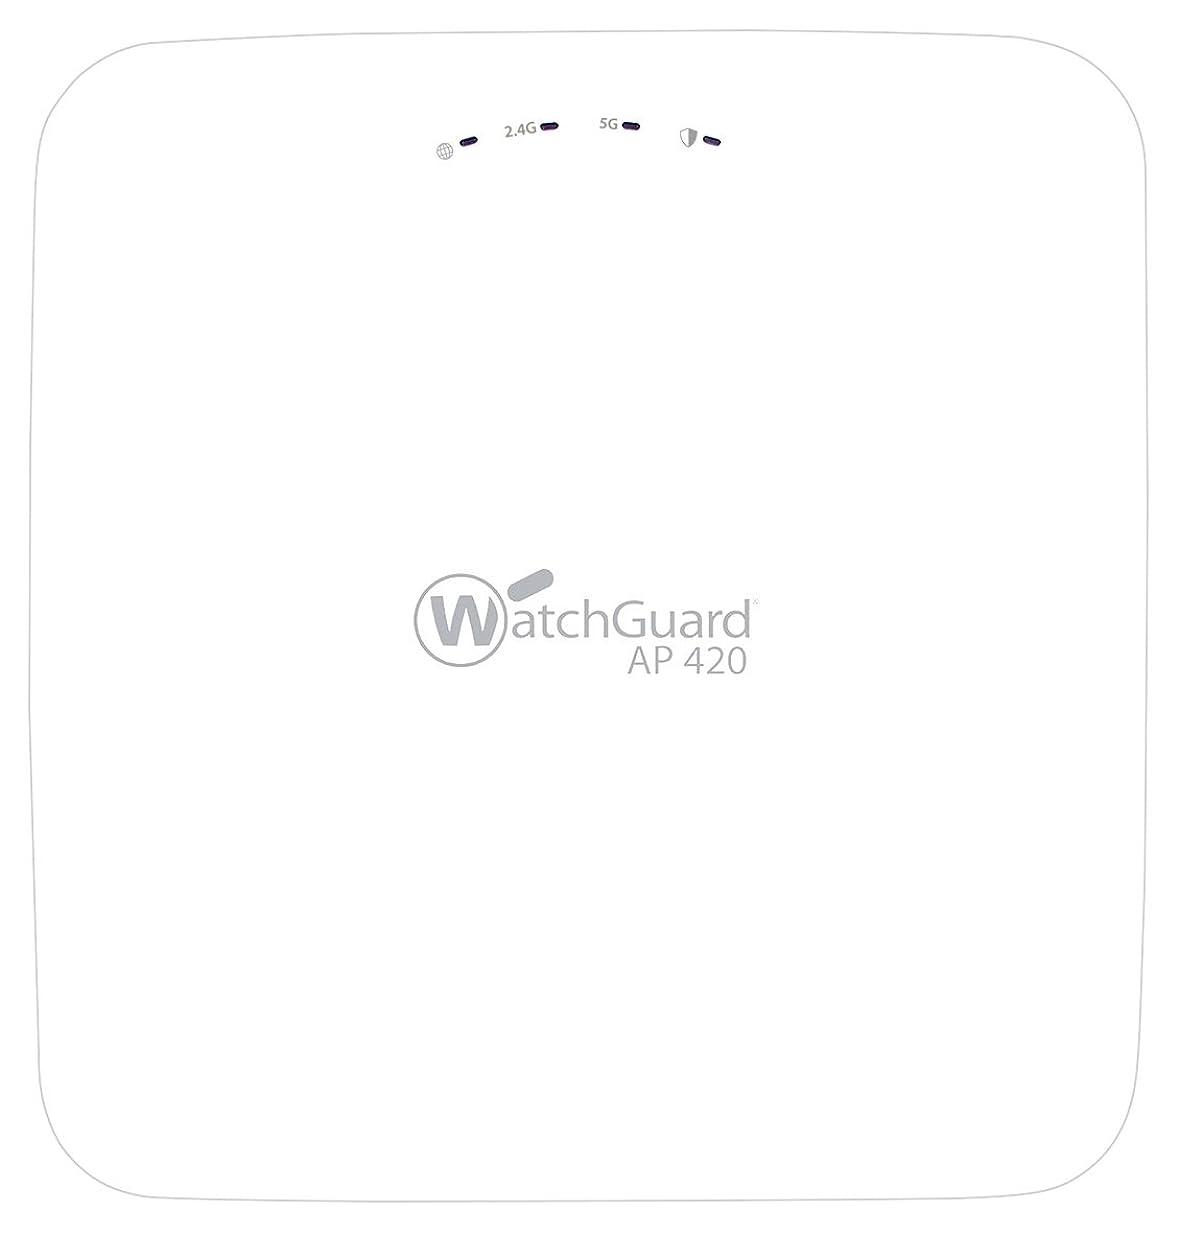 土器再開フォーマルWatchGuard AP420 - Wireless access point - with 3 years Total Wi-Fi - GigE, 802.11ac Wave 2 - Wi-Fi - Dual Band